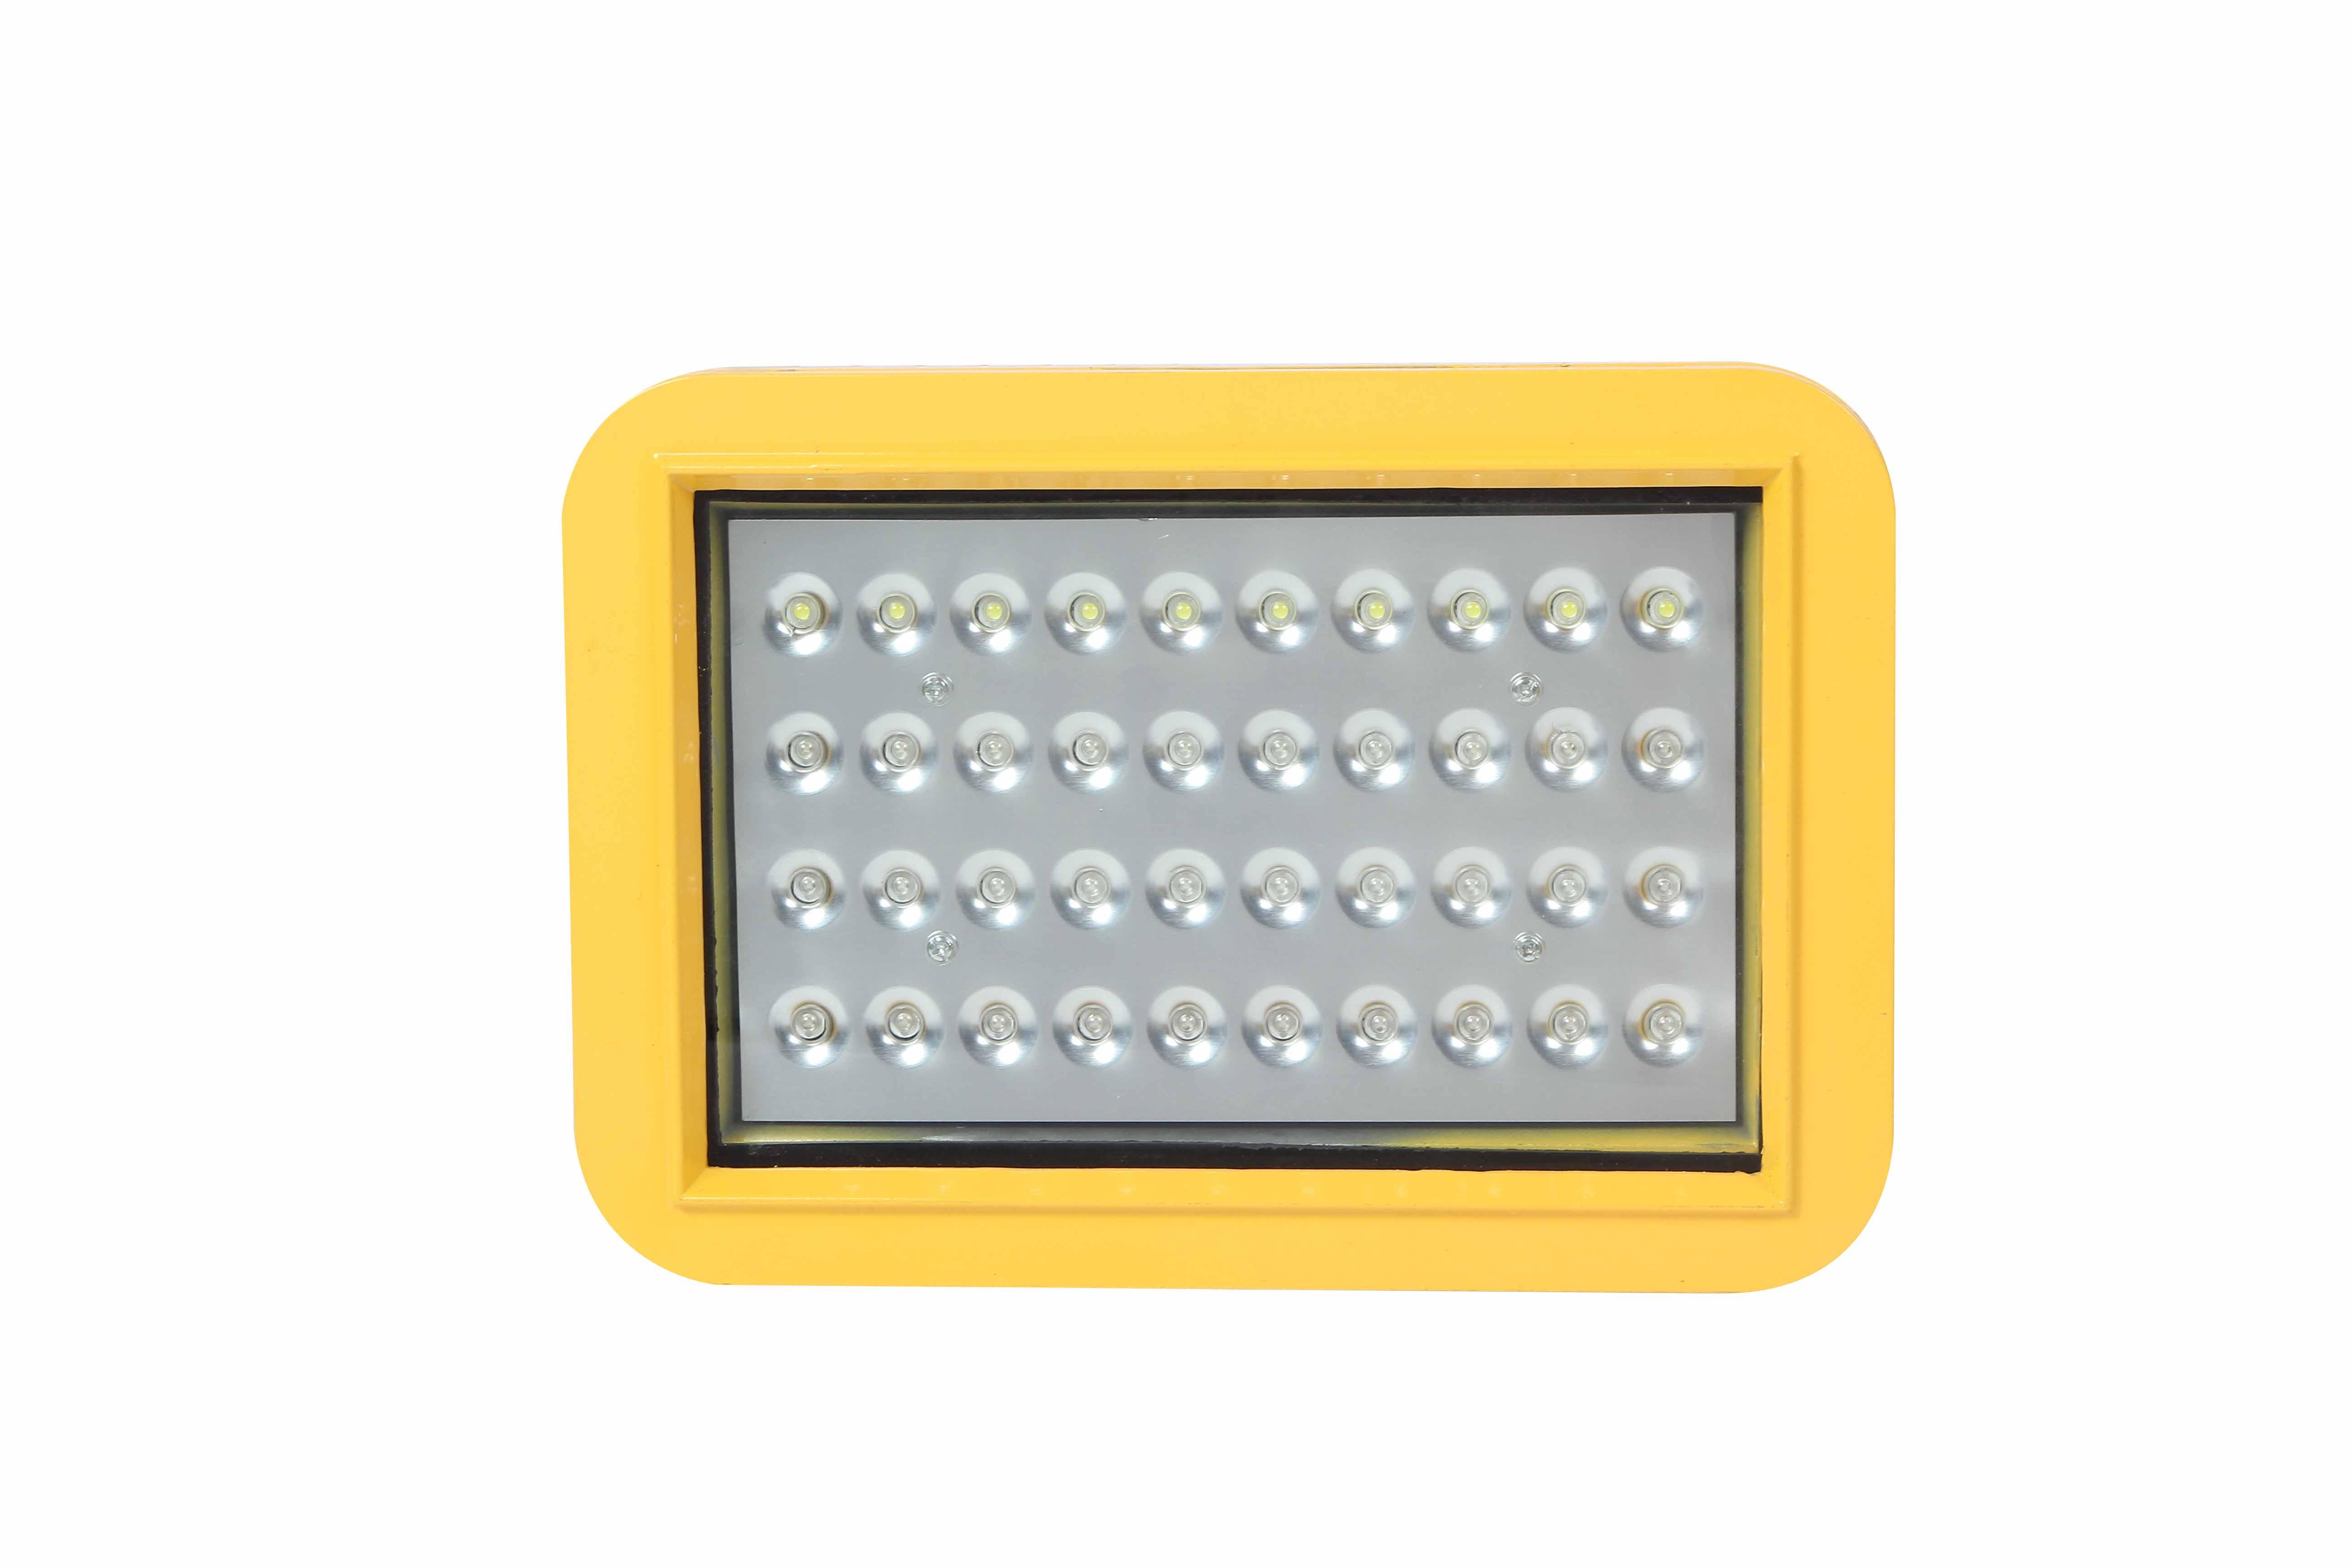 厂家直销新款方形40W-70W防爆免维护LED灯